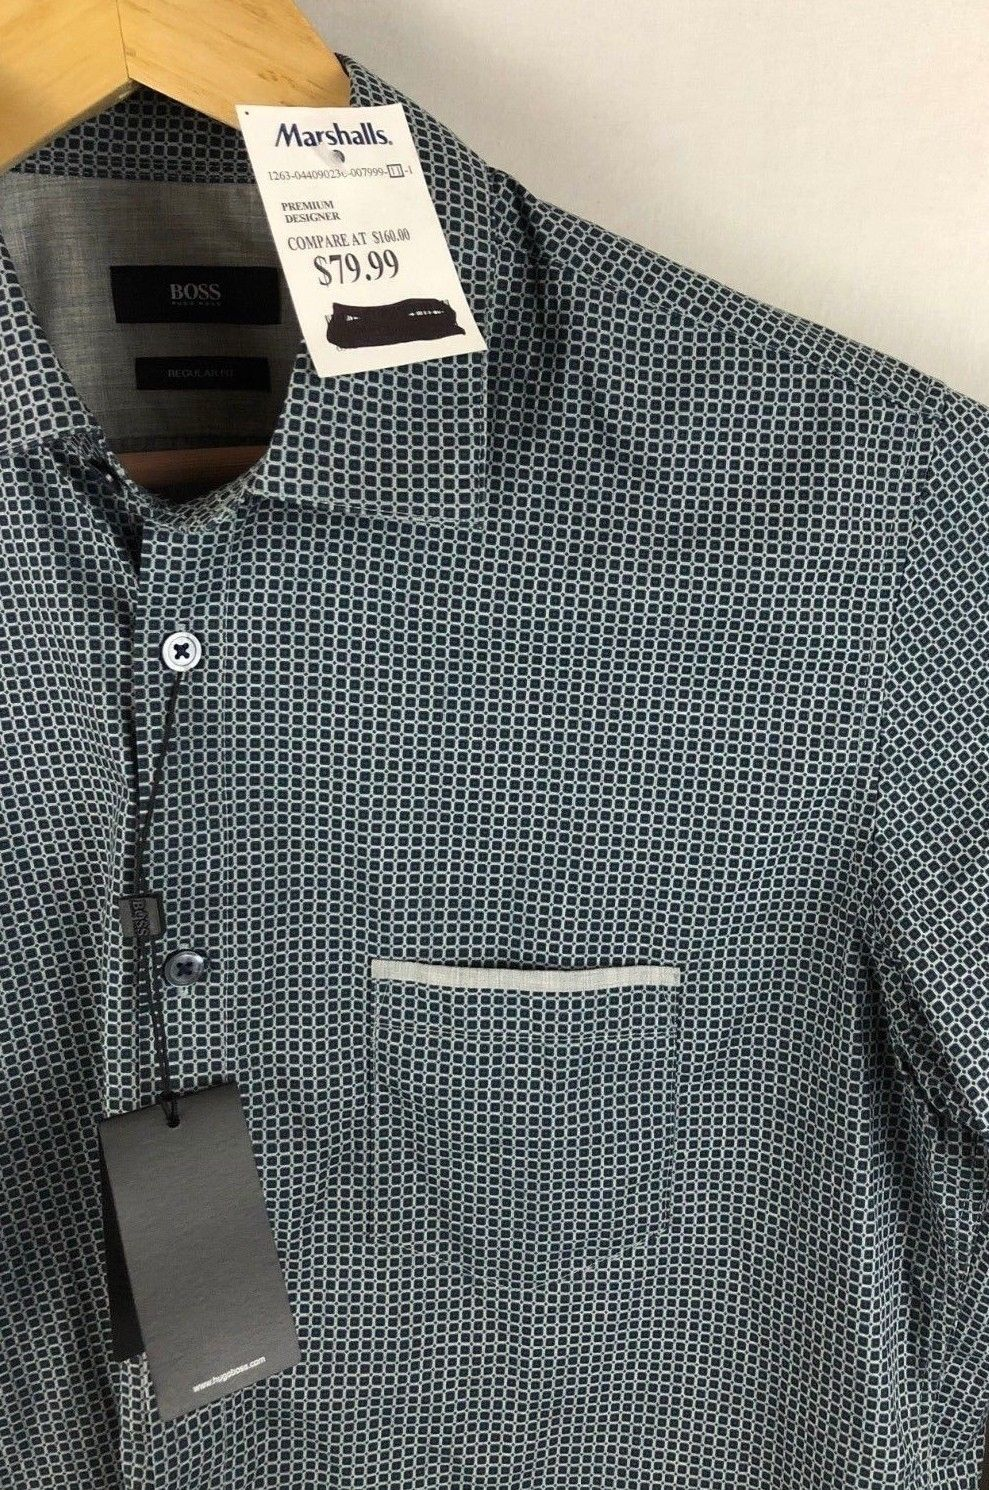 689baf52 S l1600. S l1600. Previous. NWT Hugo Boss Mens Black Label Regular Fit Breast  Pocket Size Medium